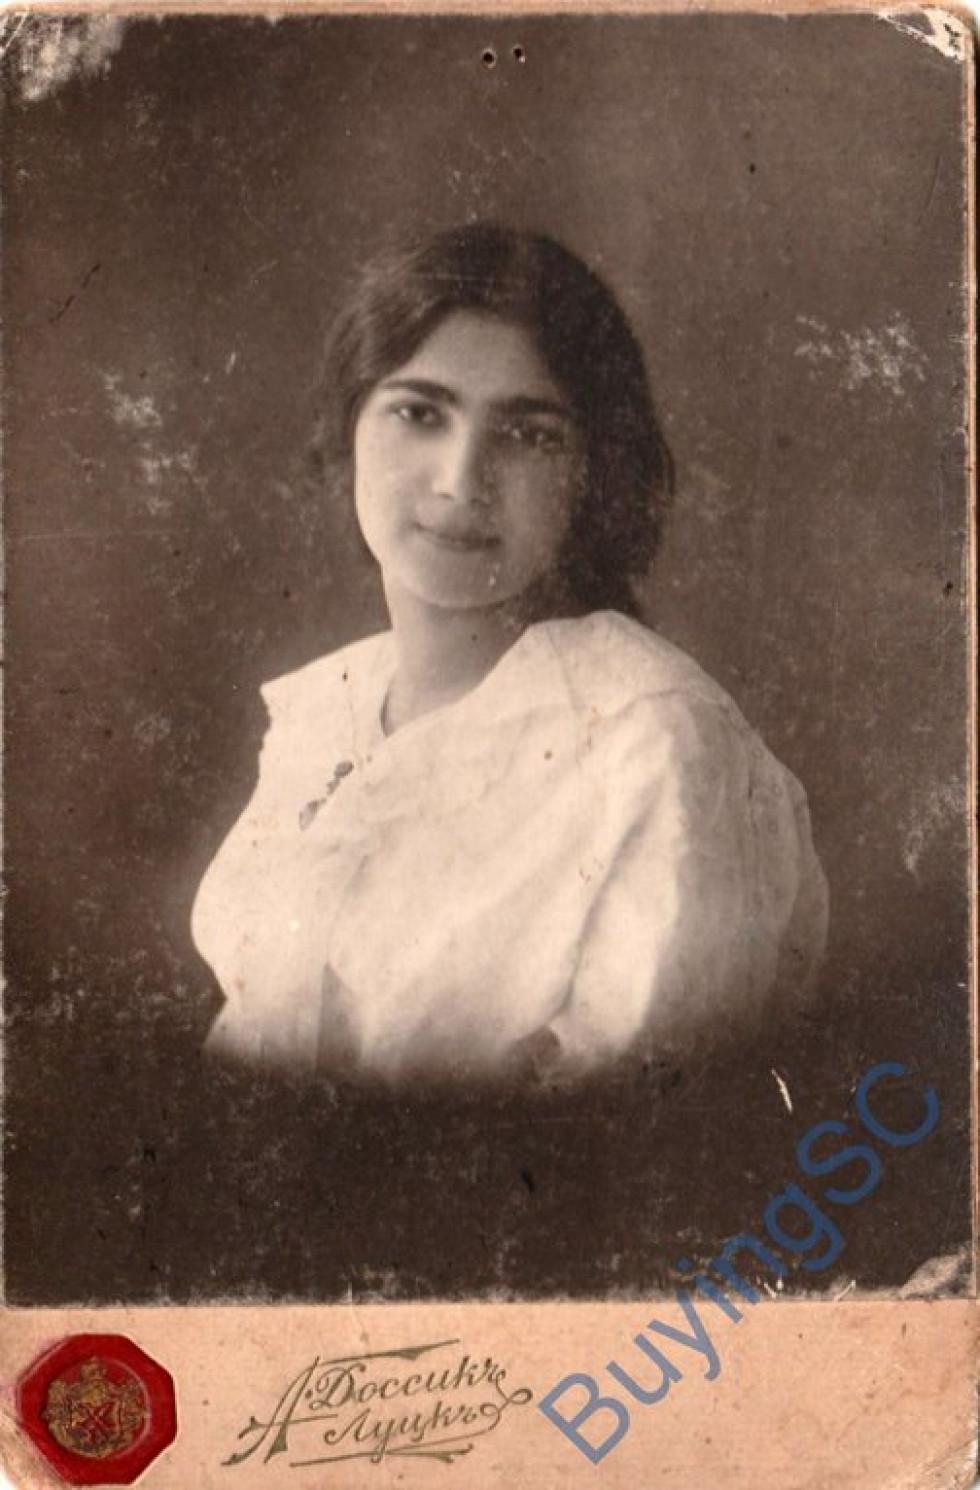 Портрет дівчини. Фотосалон «Доссикь», початок ХХ ст.